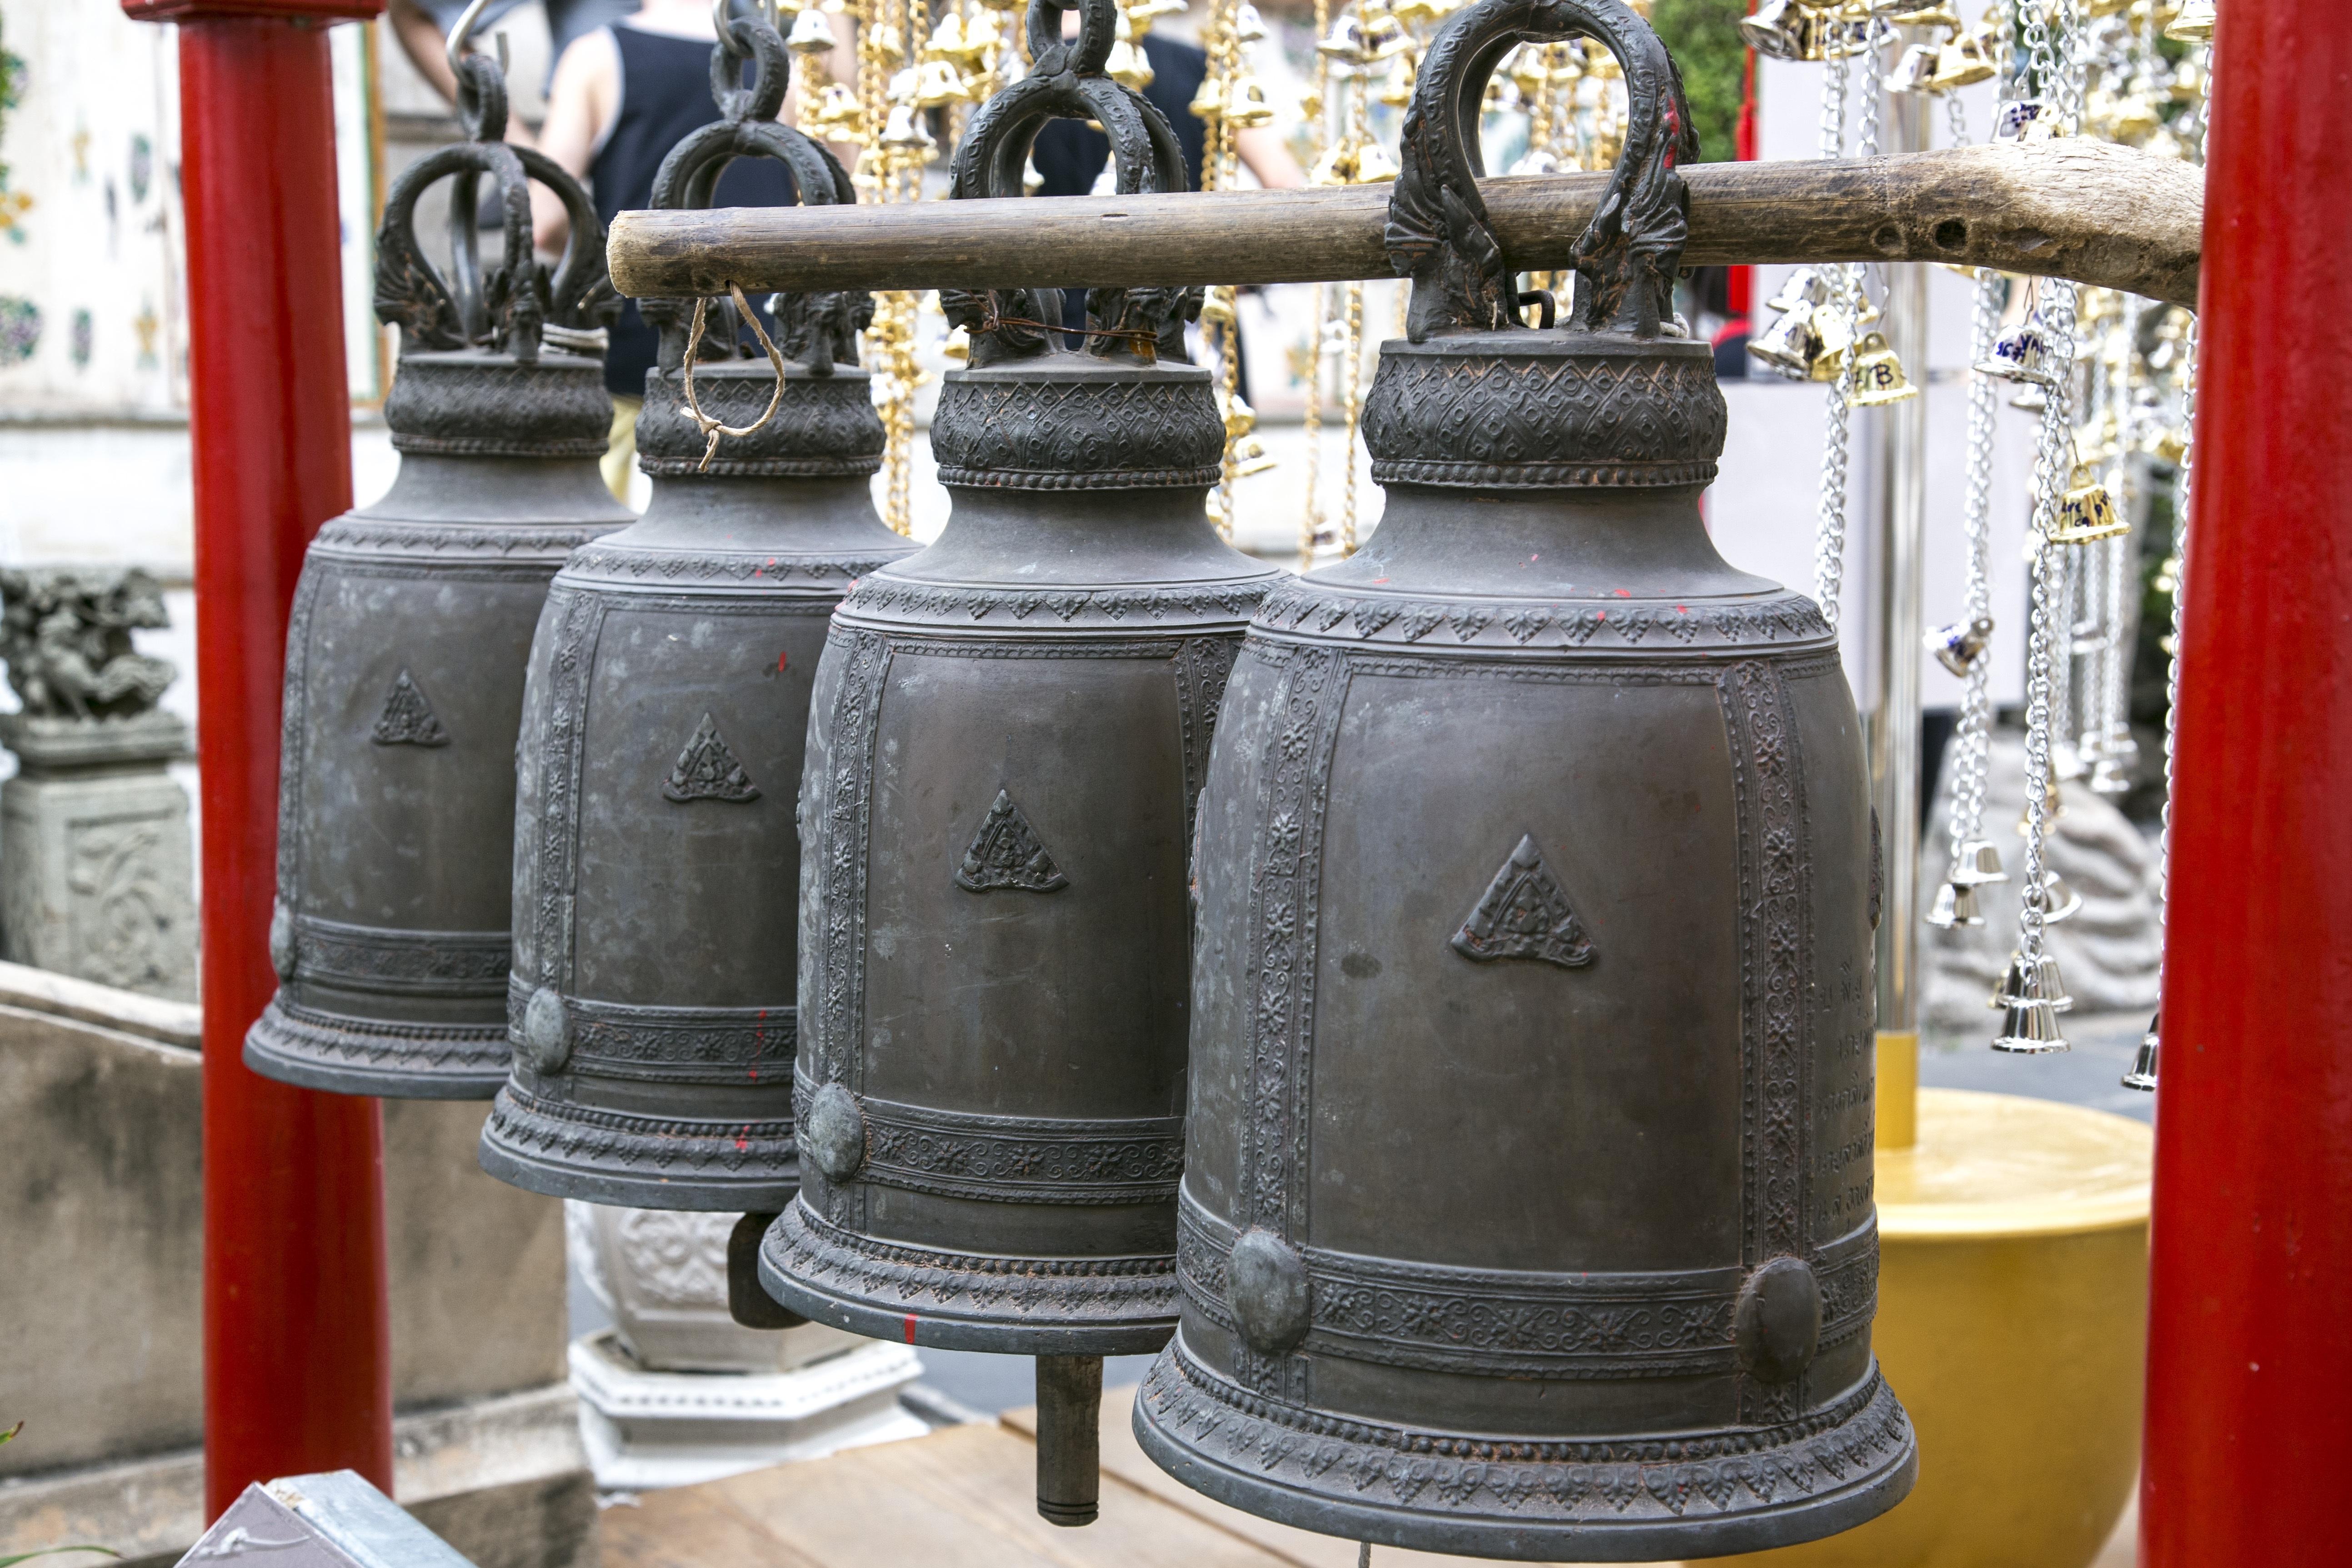 Gratis billeder klokke metal buddhisme d k thailand - Muebles de tailandia ...